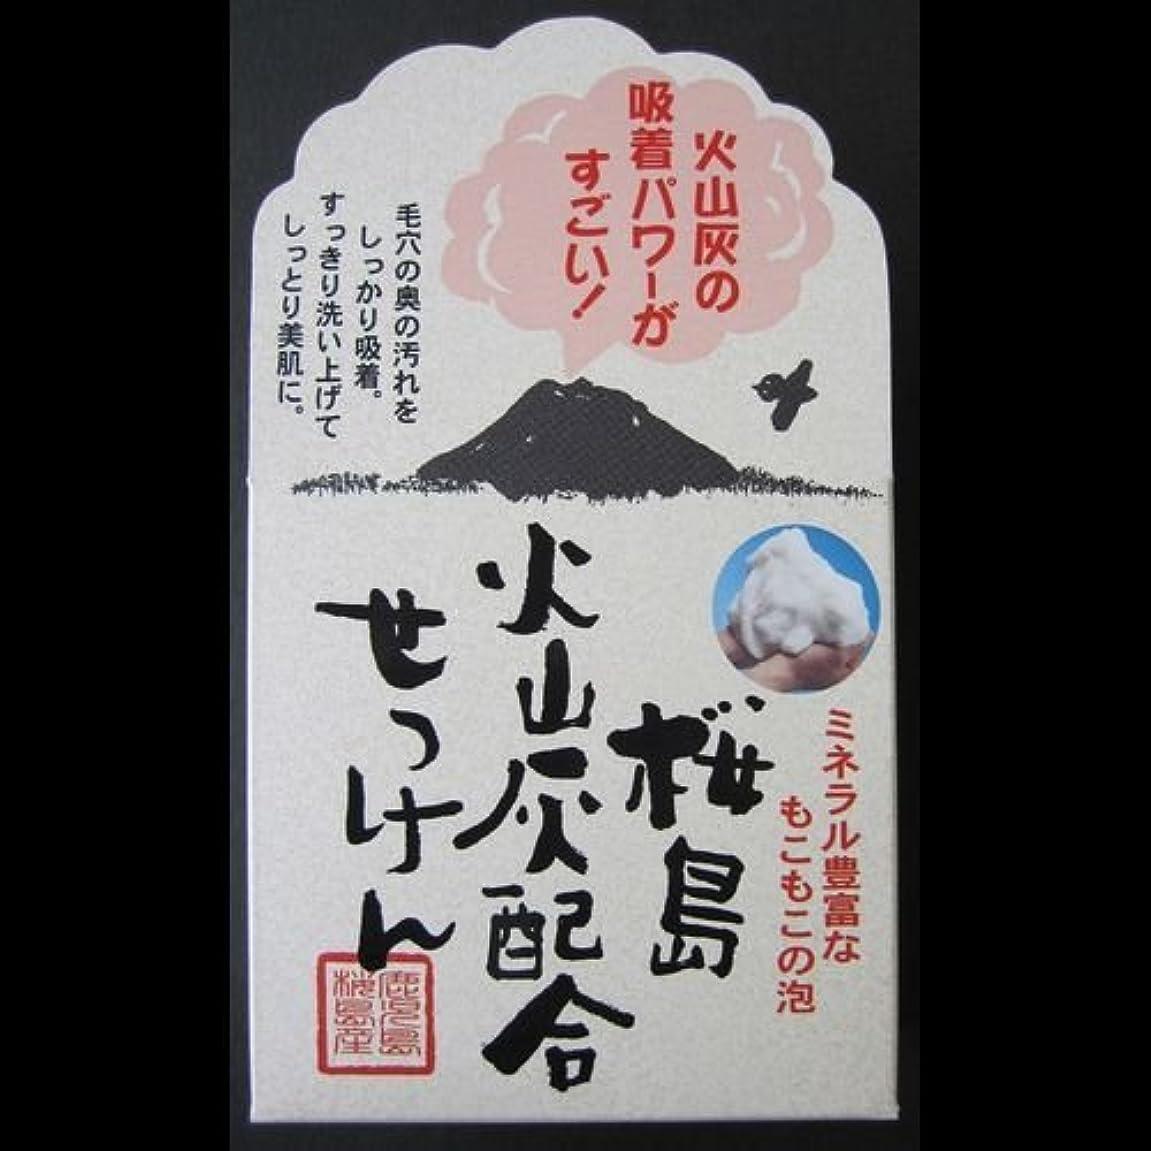 再生可能ジャンル北方【まとめ買い】ユゼ 桜島火山灰配合せっけん ×2セット